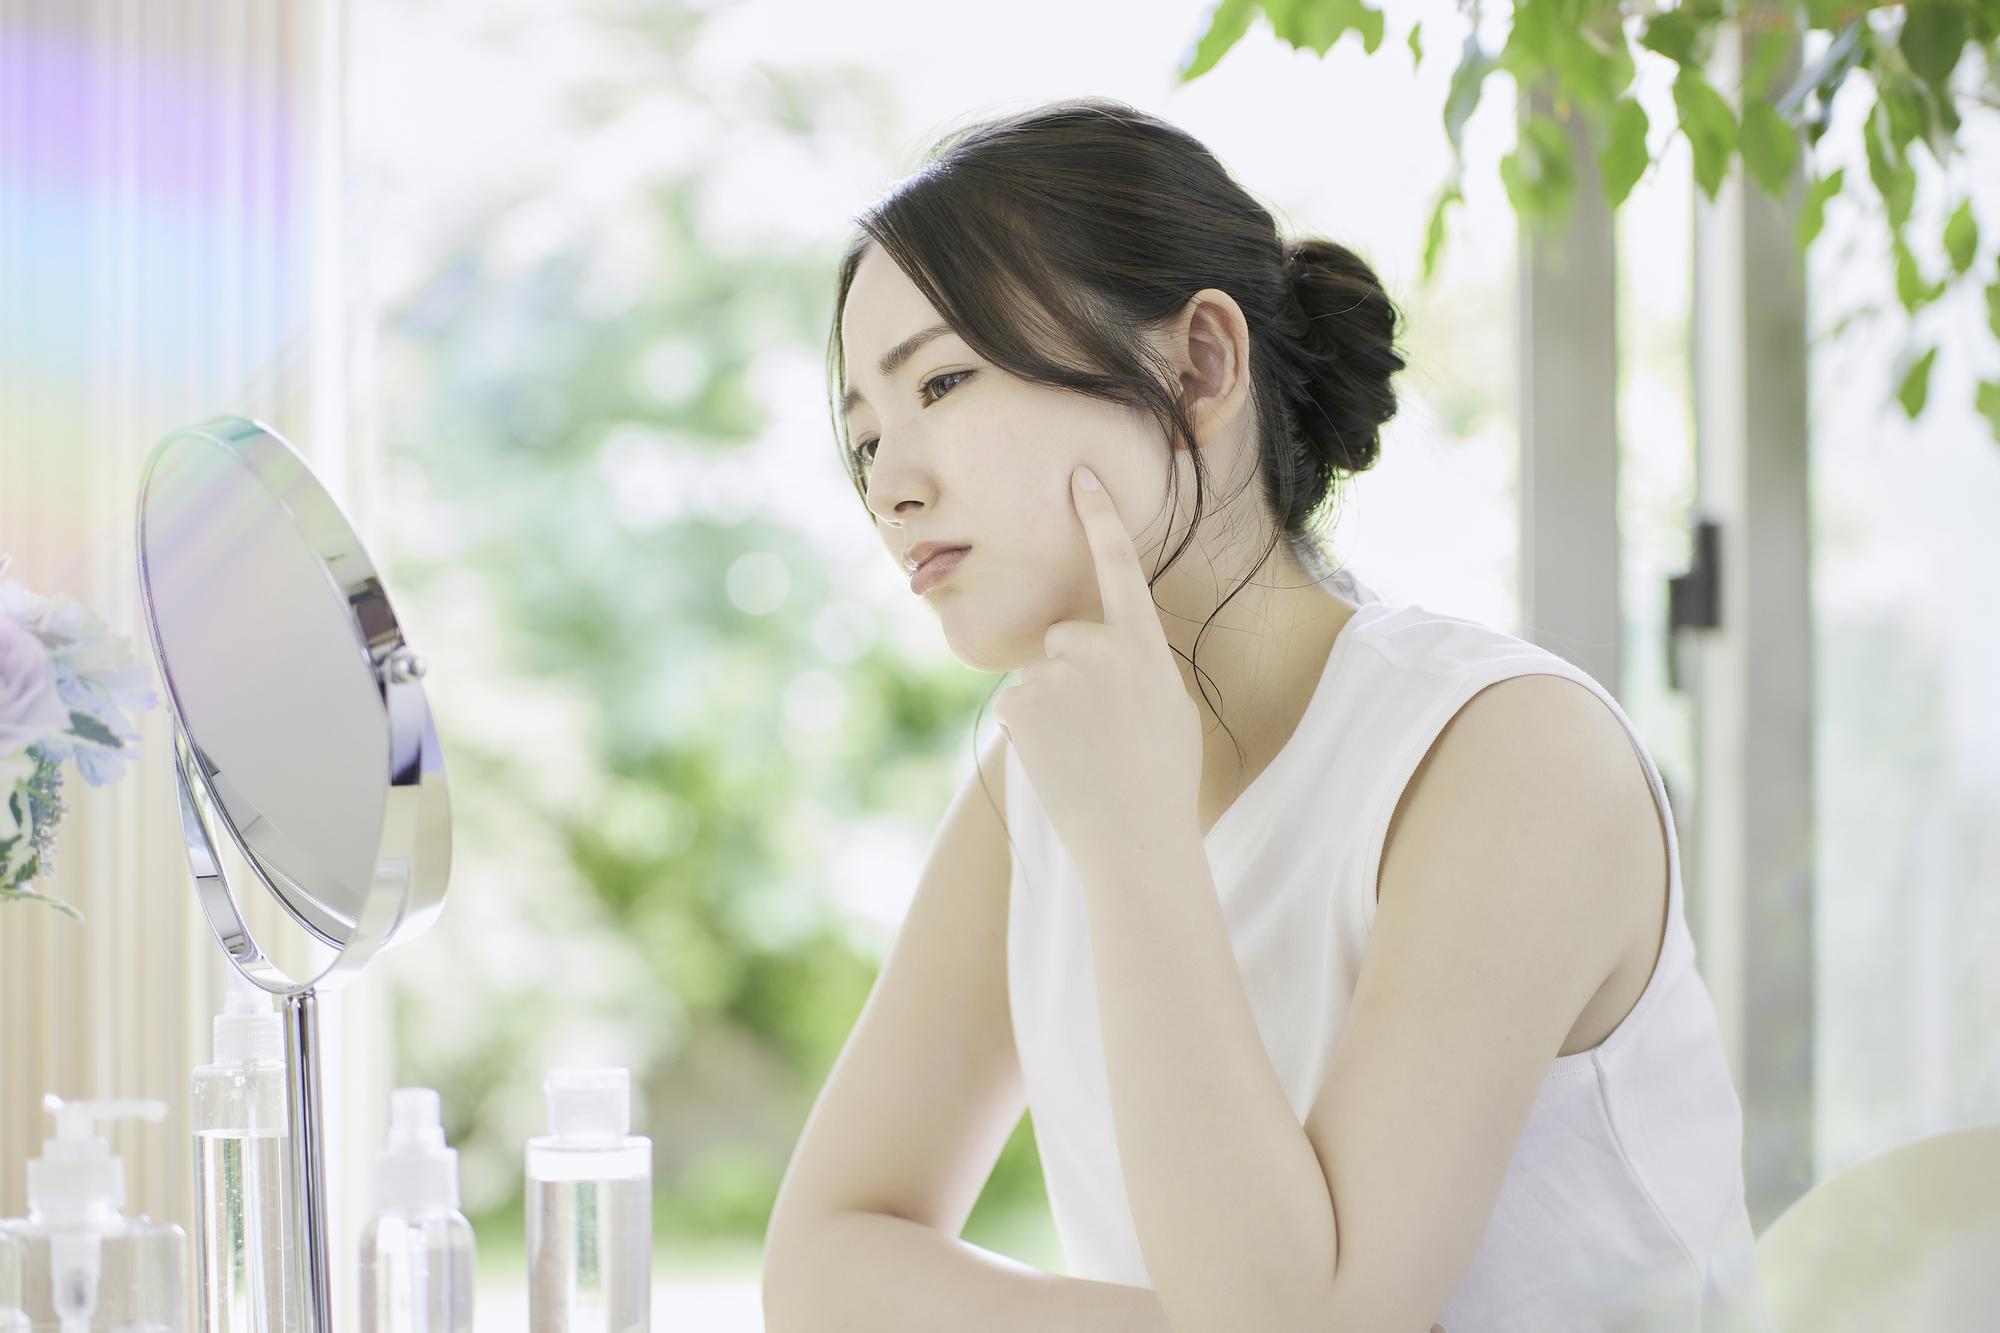 【医師監修】肌断食で乾燥肌の改善が期待できる?正しい方法や注意点も解説